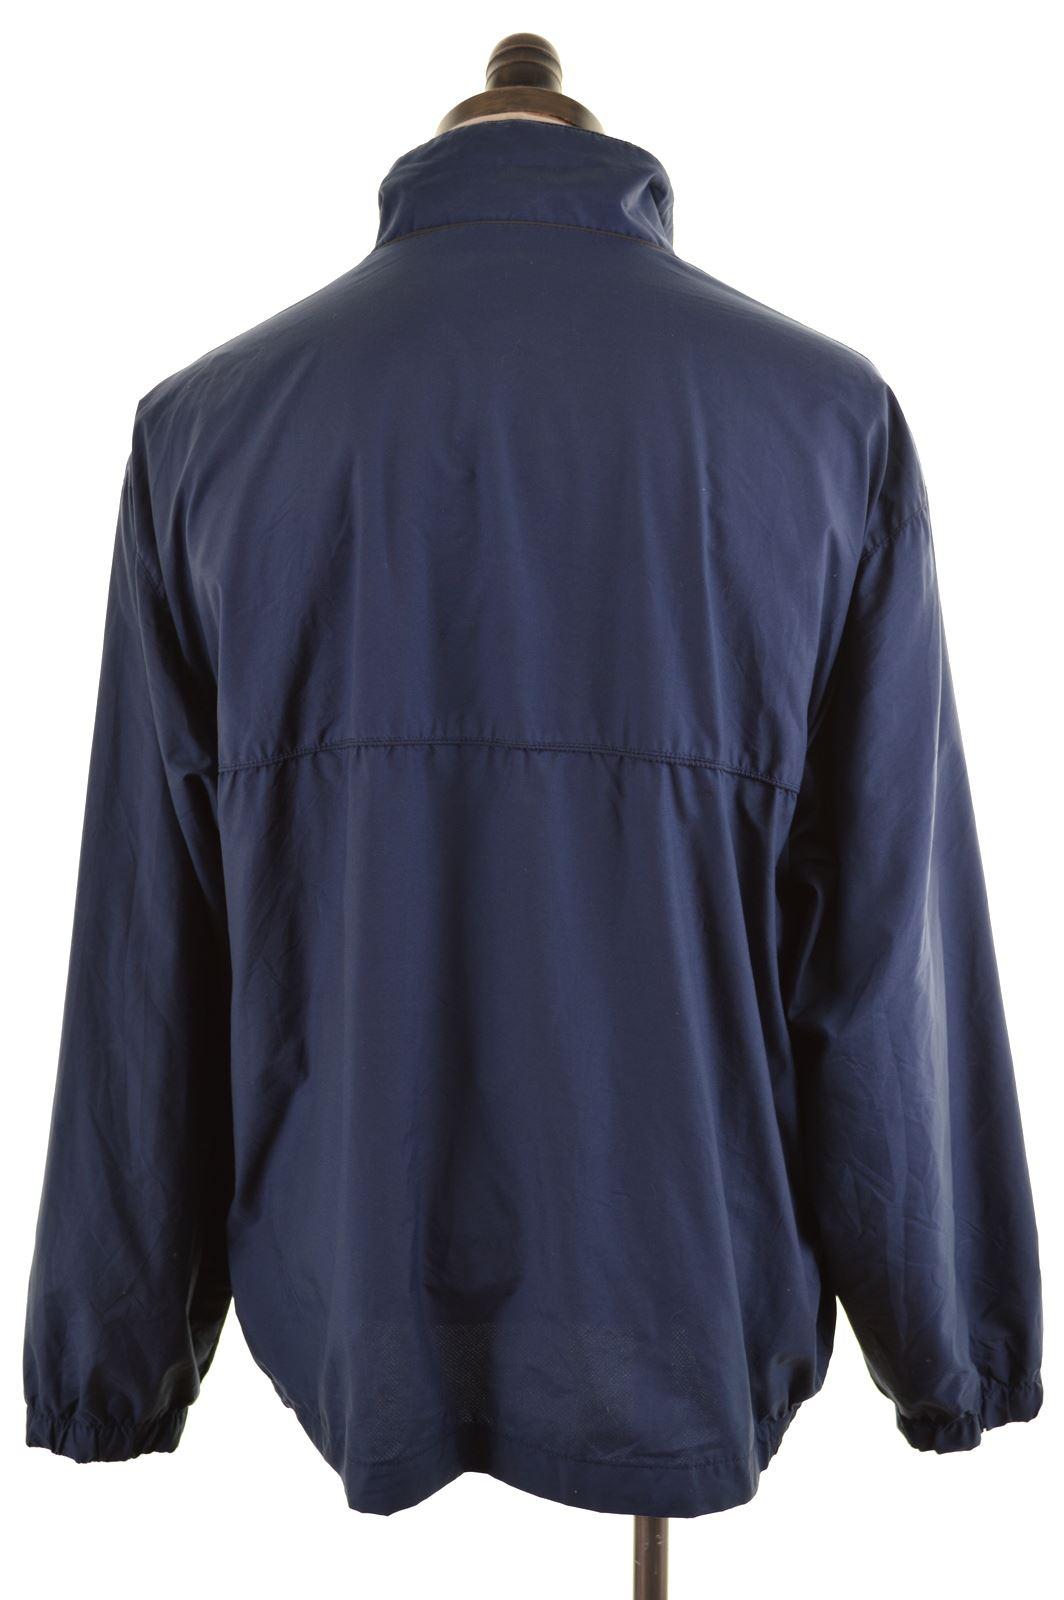 06b97845 HELLY HANSEN Mens Bomber Jacket Size 42 XL Navy Blue Nylon HO18 | eBay